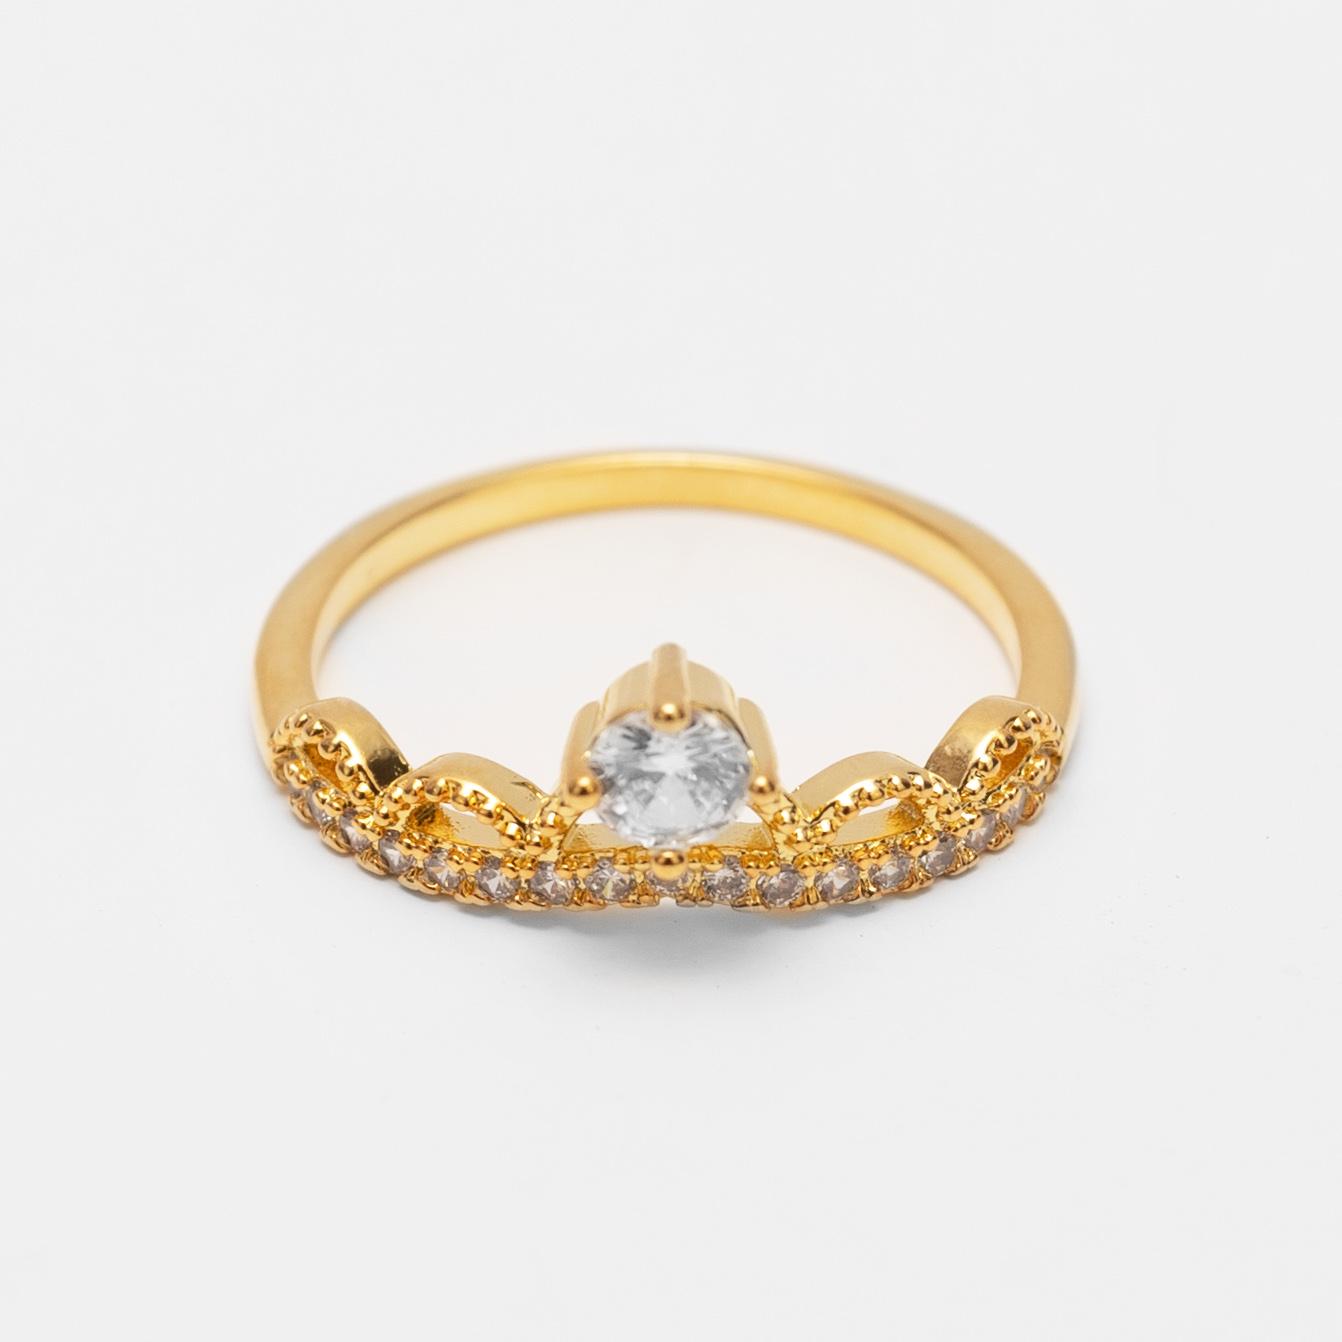 Anel Coroa Cravejada com Zircônias Folheado a Ouro 18k  - Lunozê Joias